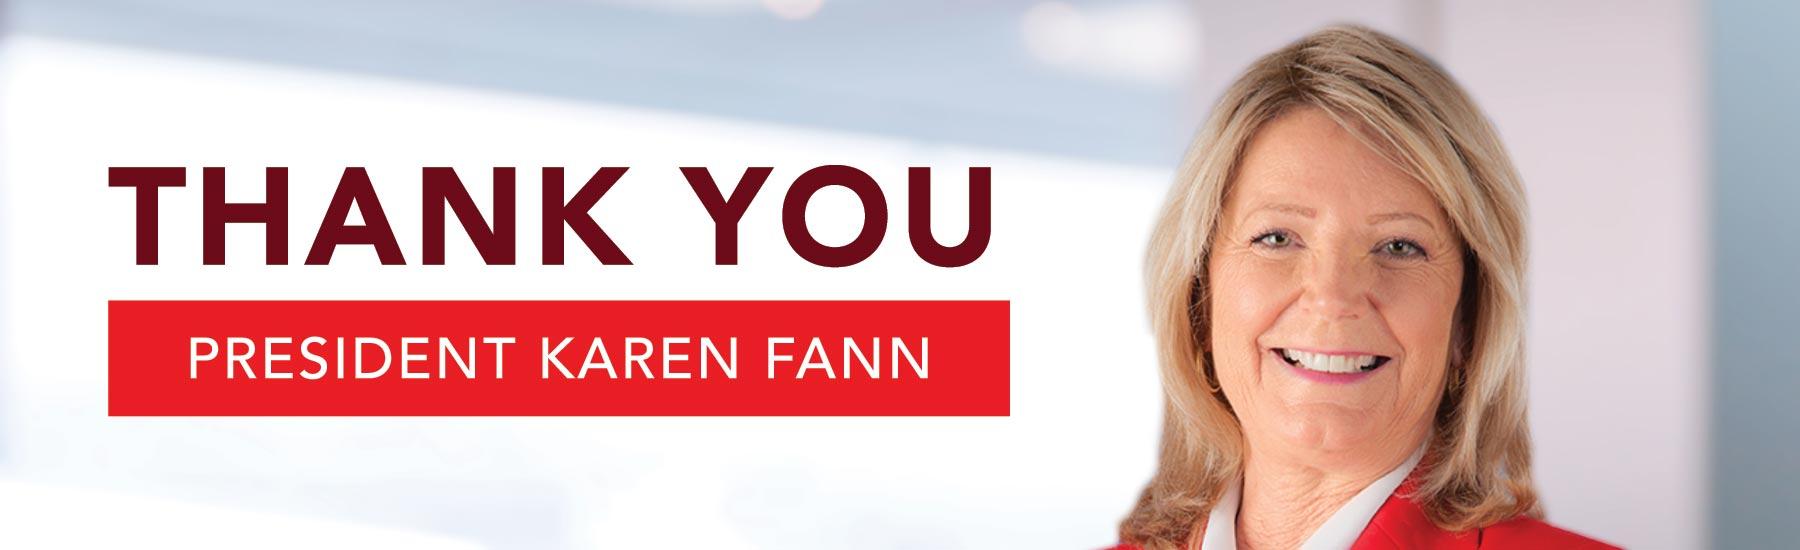 President Karen Fann